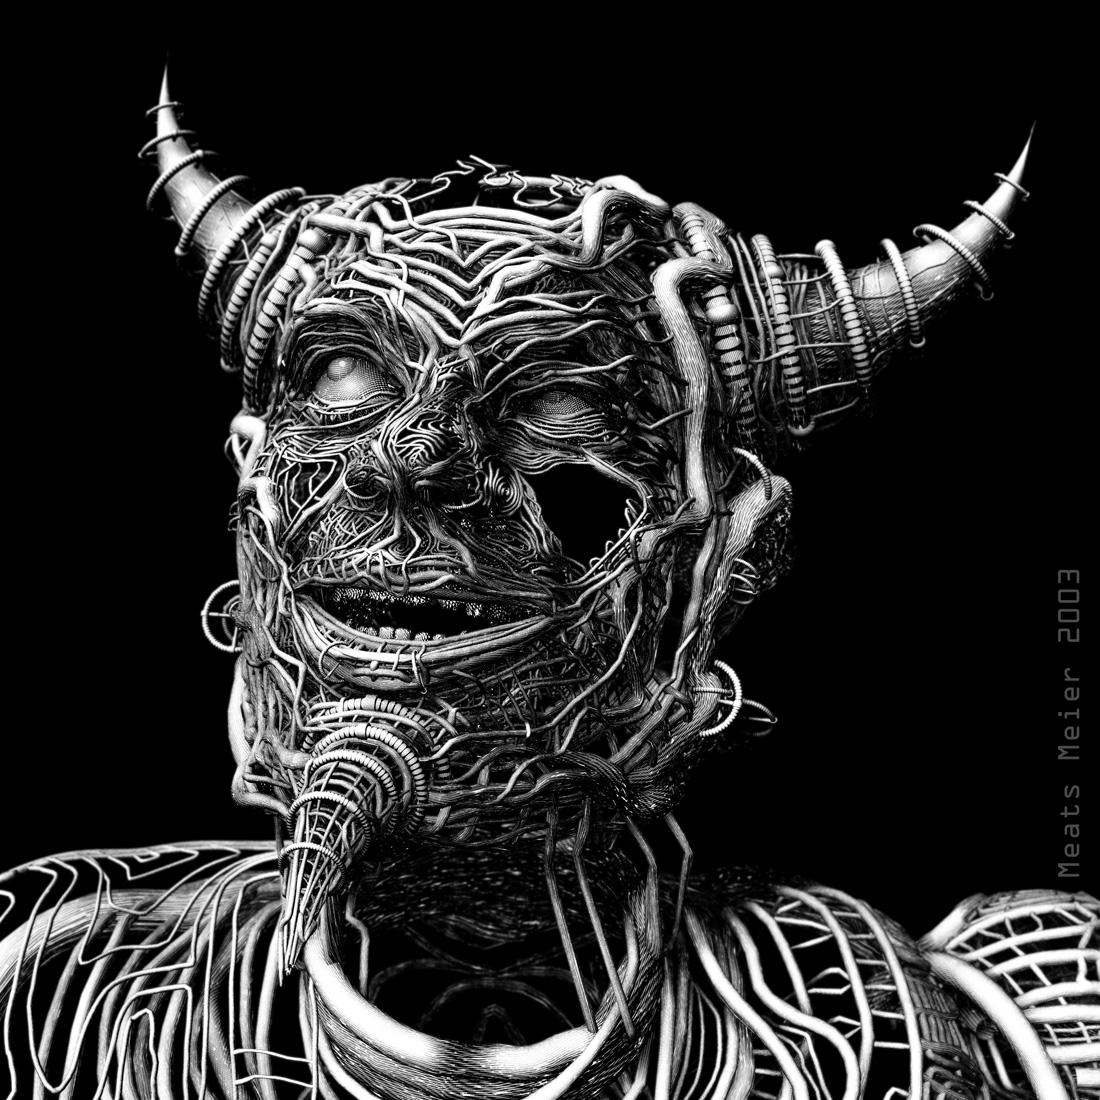 http://4.bp.blogspot.com/_juJ9bzzdQPU/TTQwKfD5oyI/AAAAAAAAABQ/ktcglBmA-mU/s1600/Devil.jpg